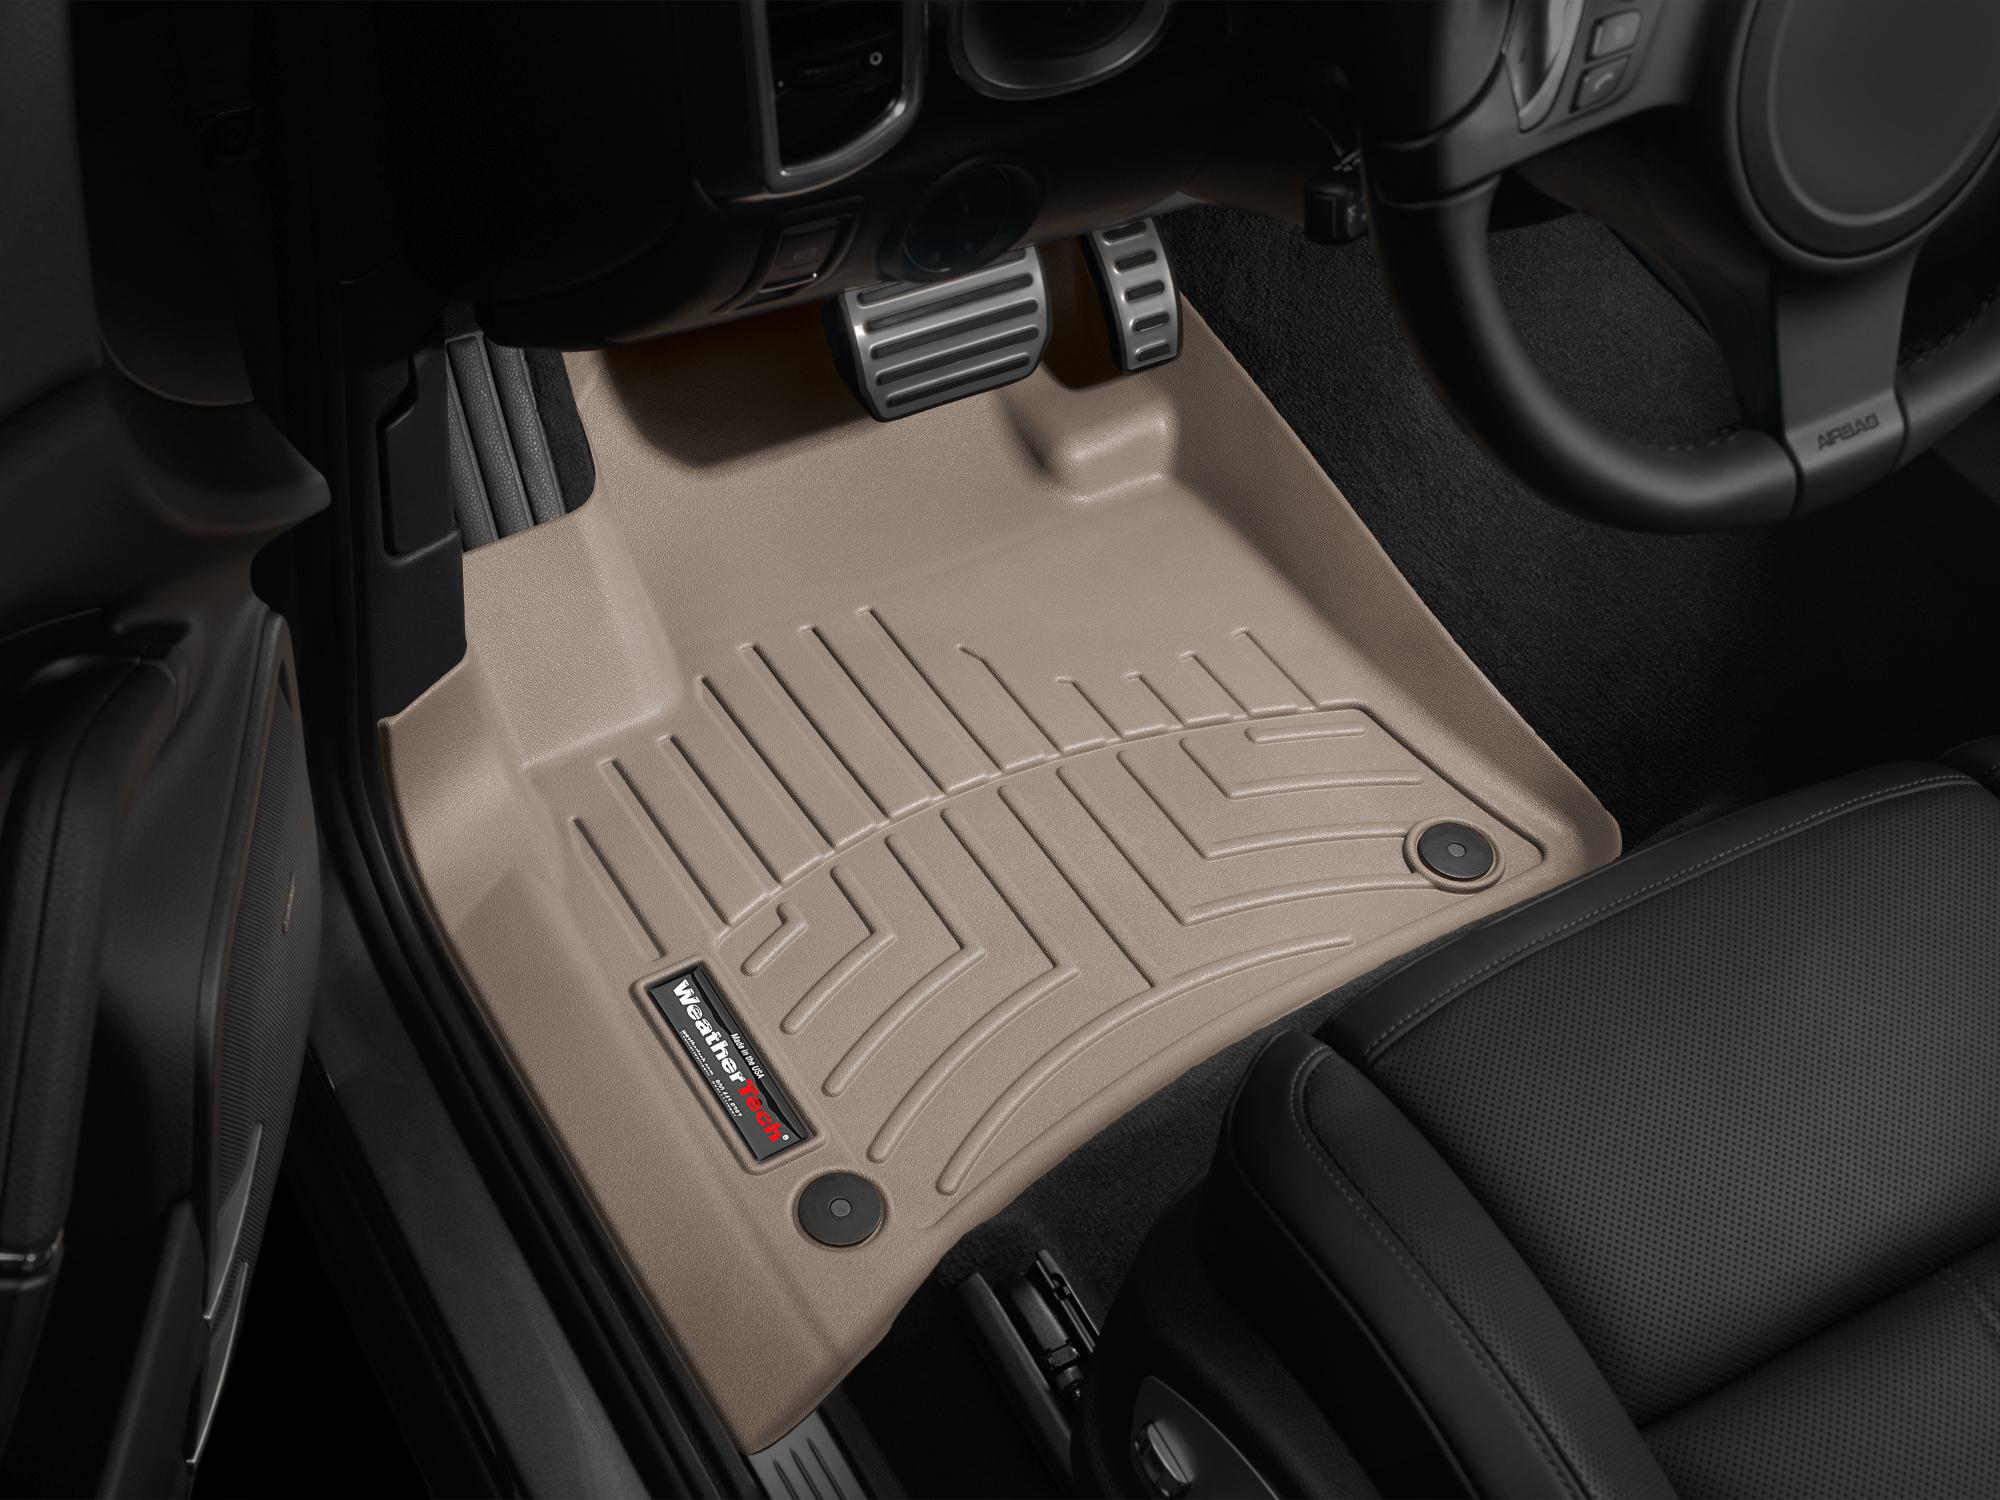 Tappeti gomma su misura bordo alto Volkswagen Touareg 11>17 Marrone A4331*